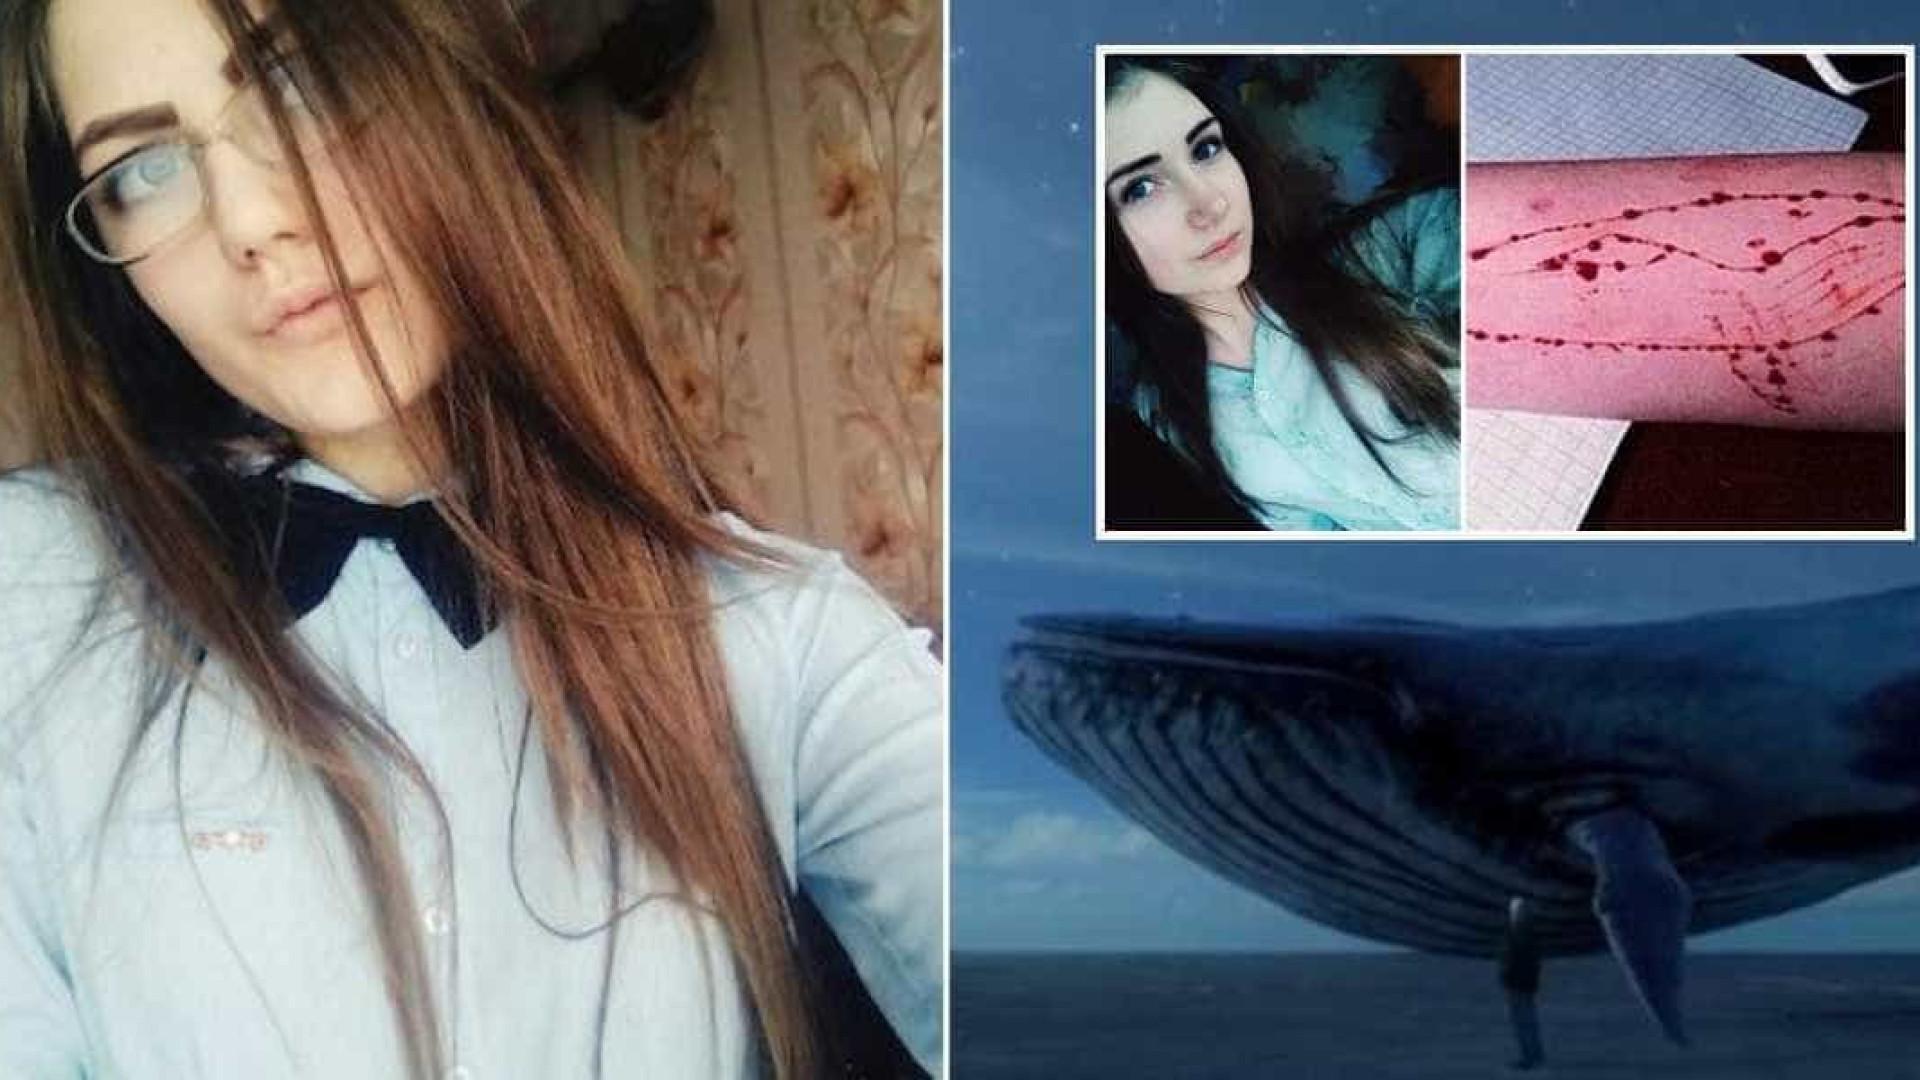 Desafio suicida 'Baleia Azul' atrai muitos jovens na Europa